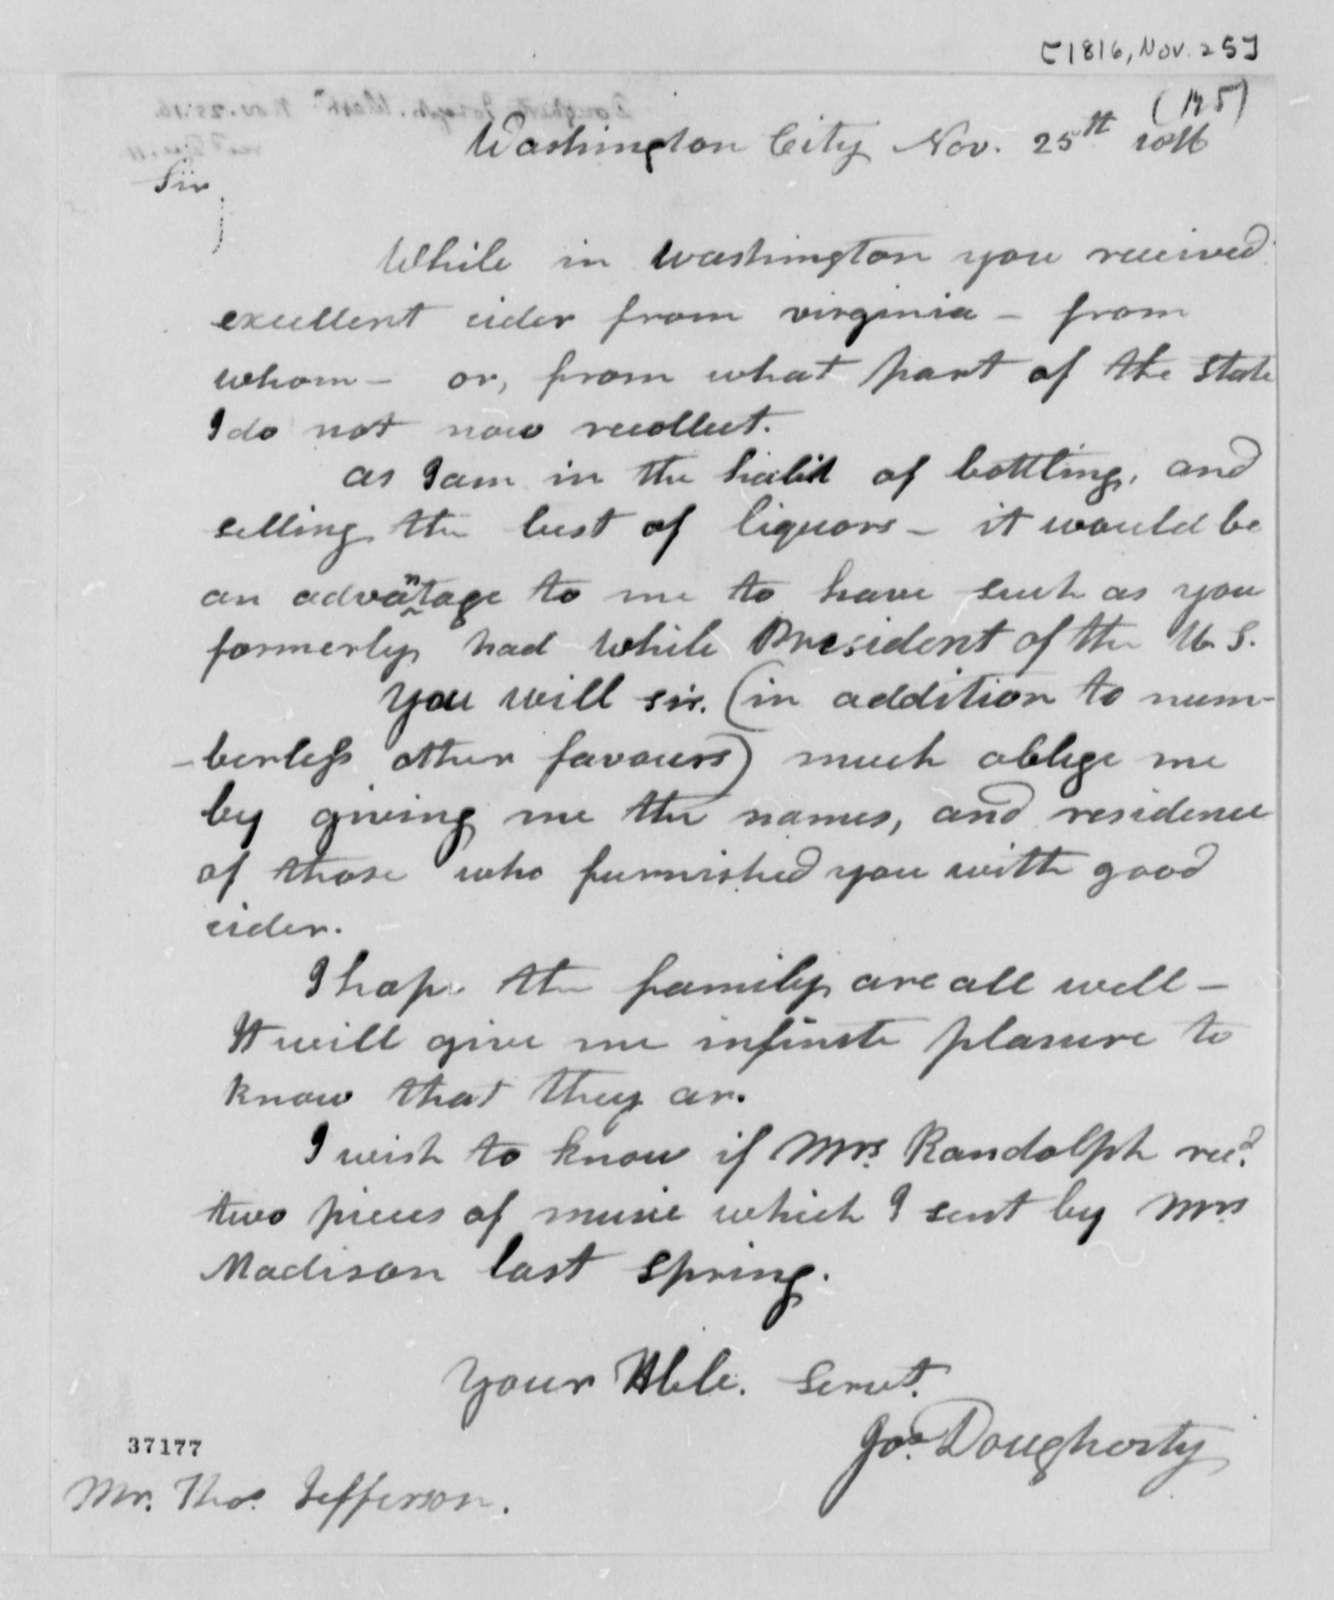 Joseph Dougherty to Thomas Jefferson, November 25, 1816